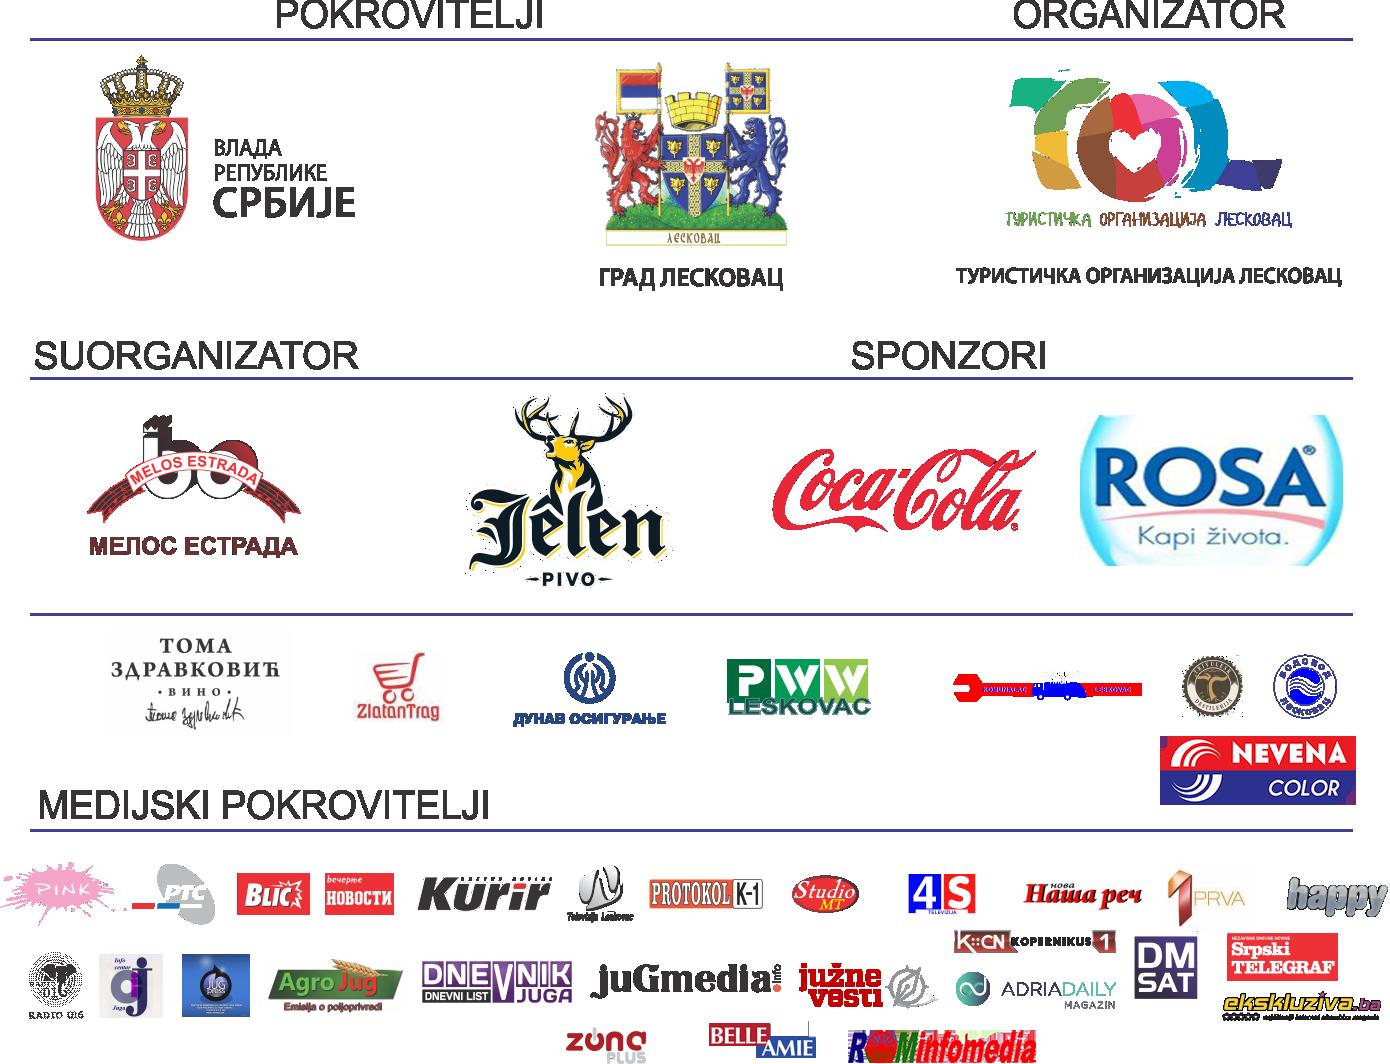 Sponzori-grupno-LATINICANOVO